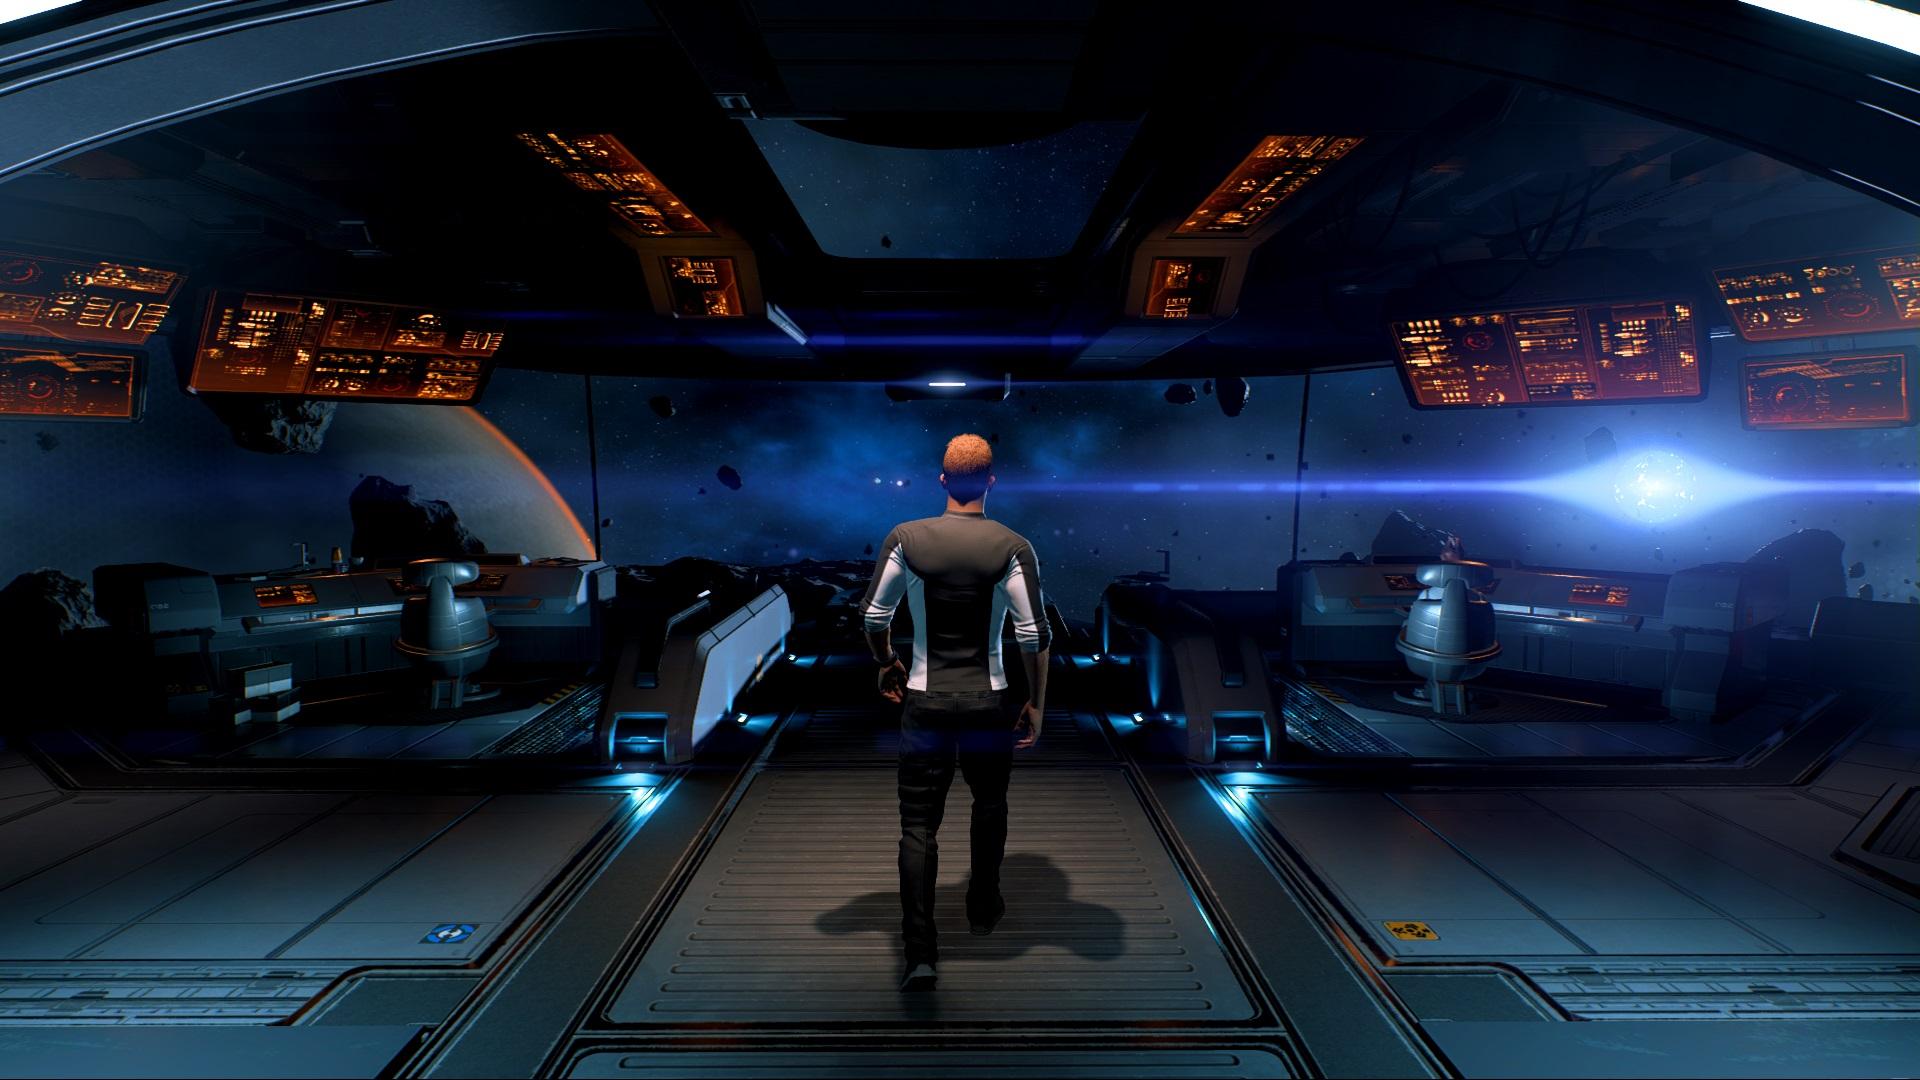 Je Mass Effect: Andromeda špatná hra? 13126